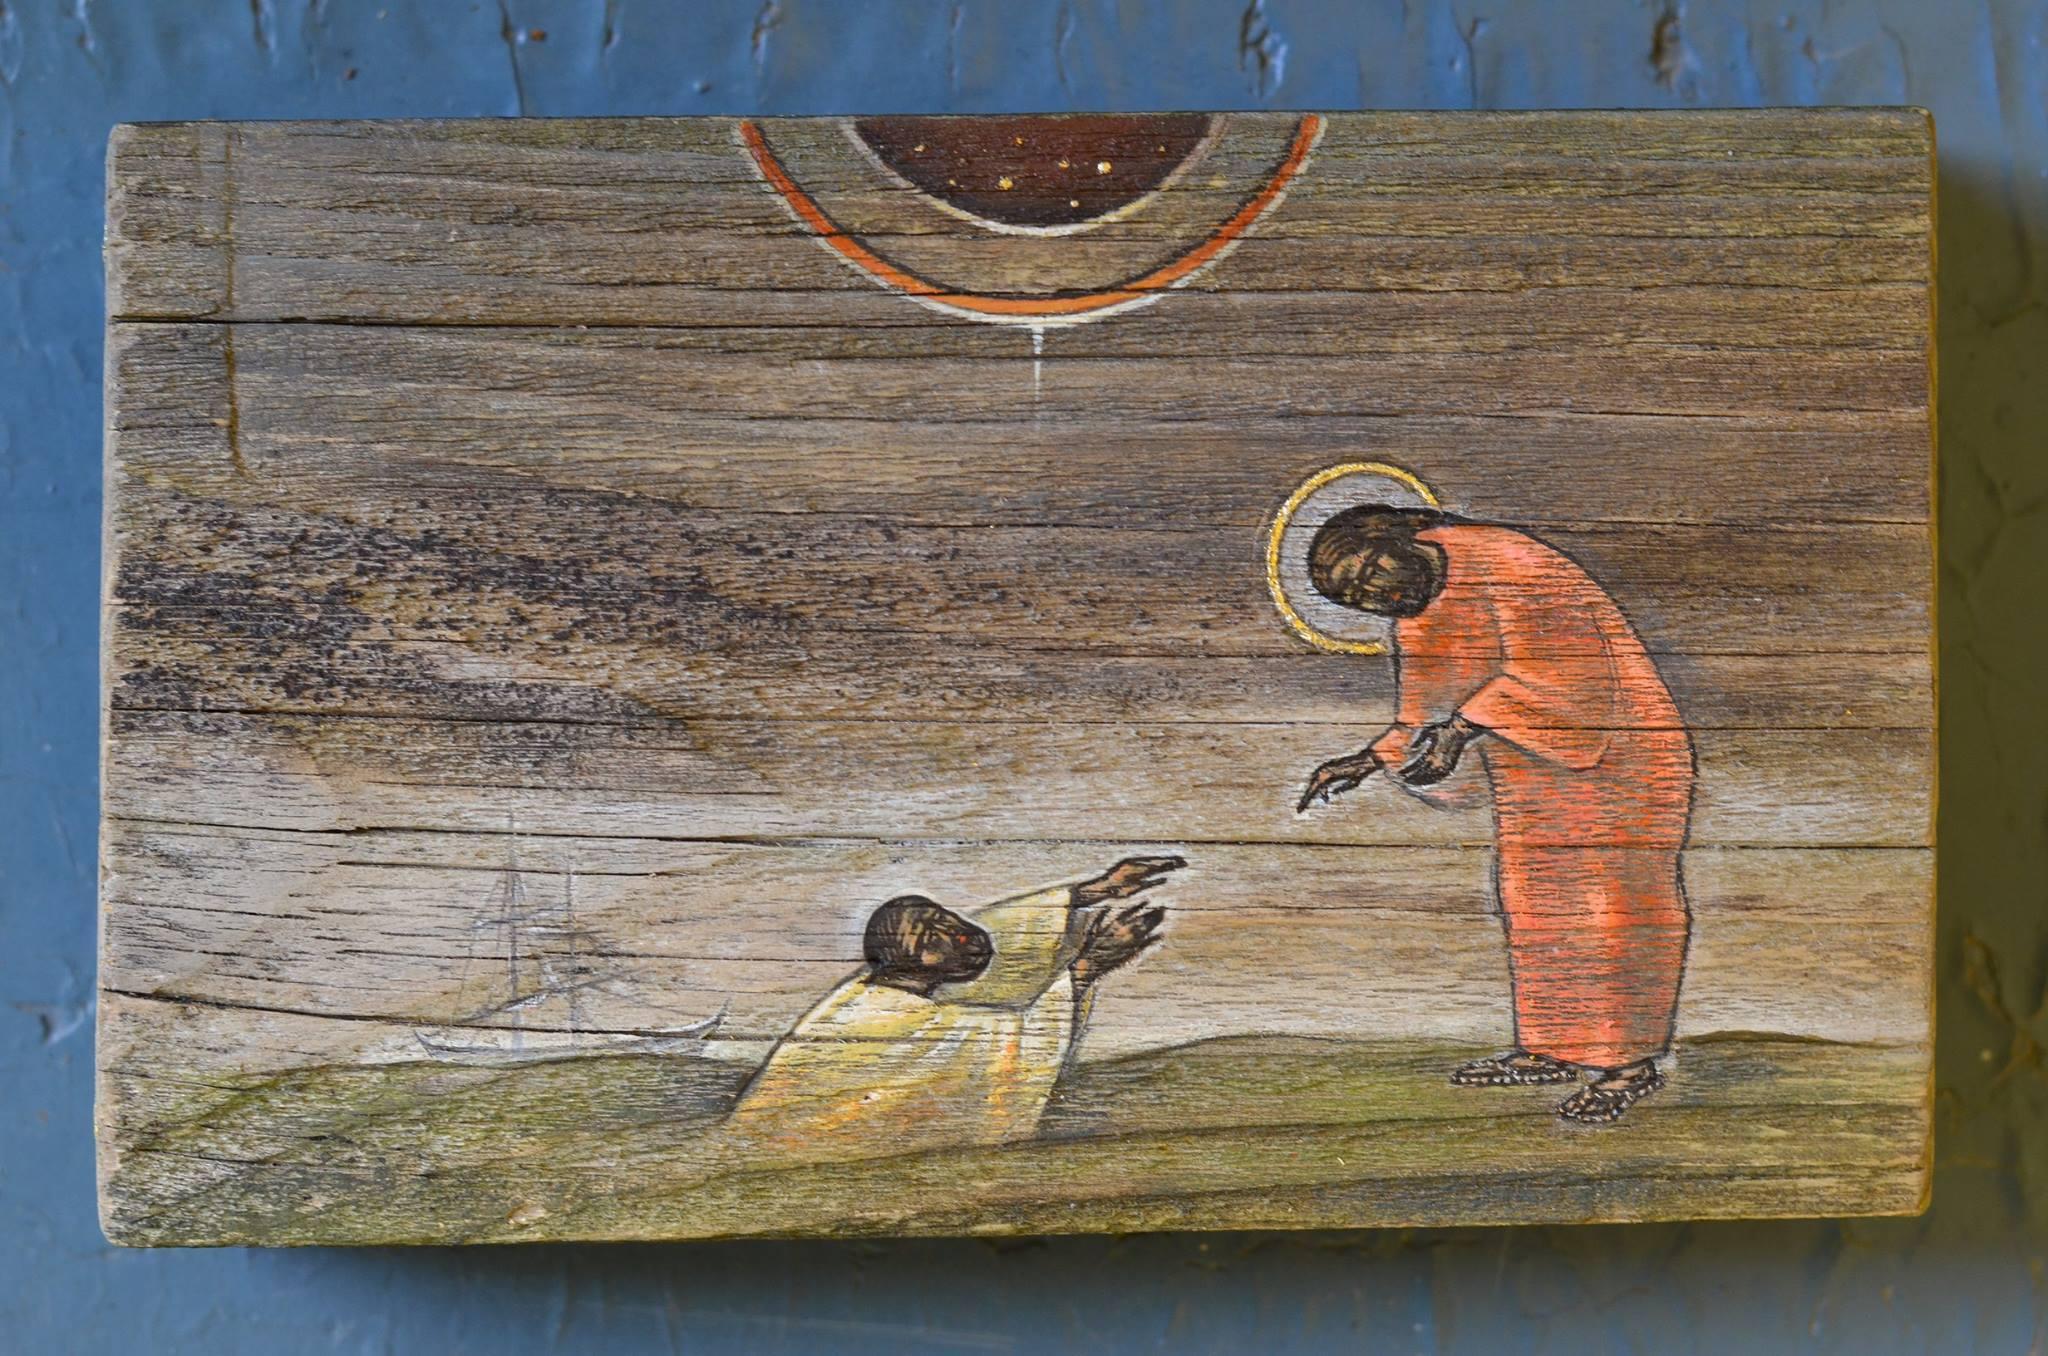 'Moderni ikoni' Paavalin kirkossa 19.11. alkaen